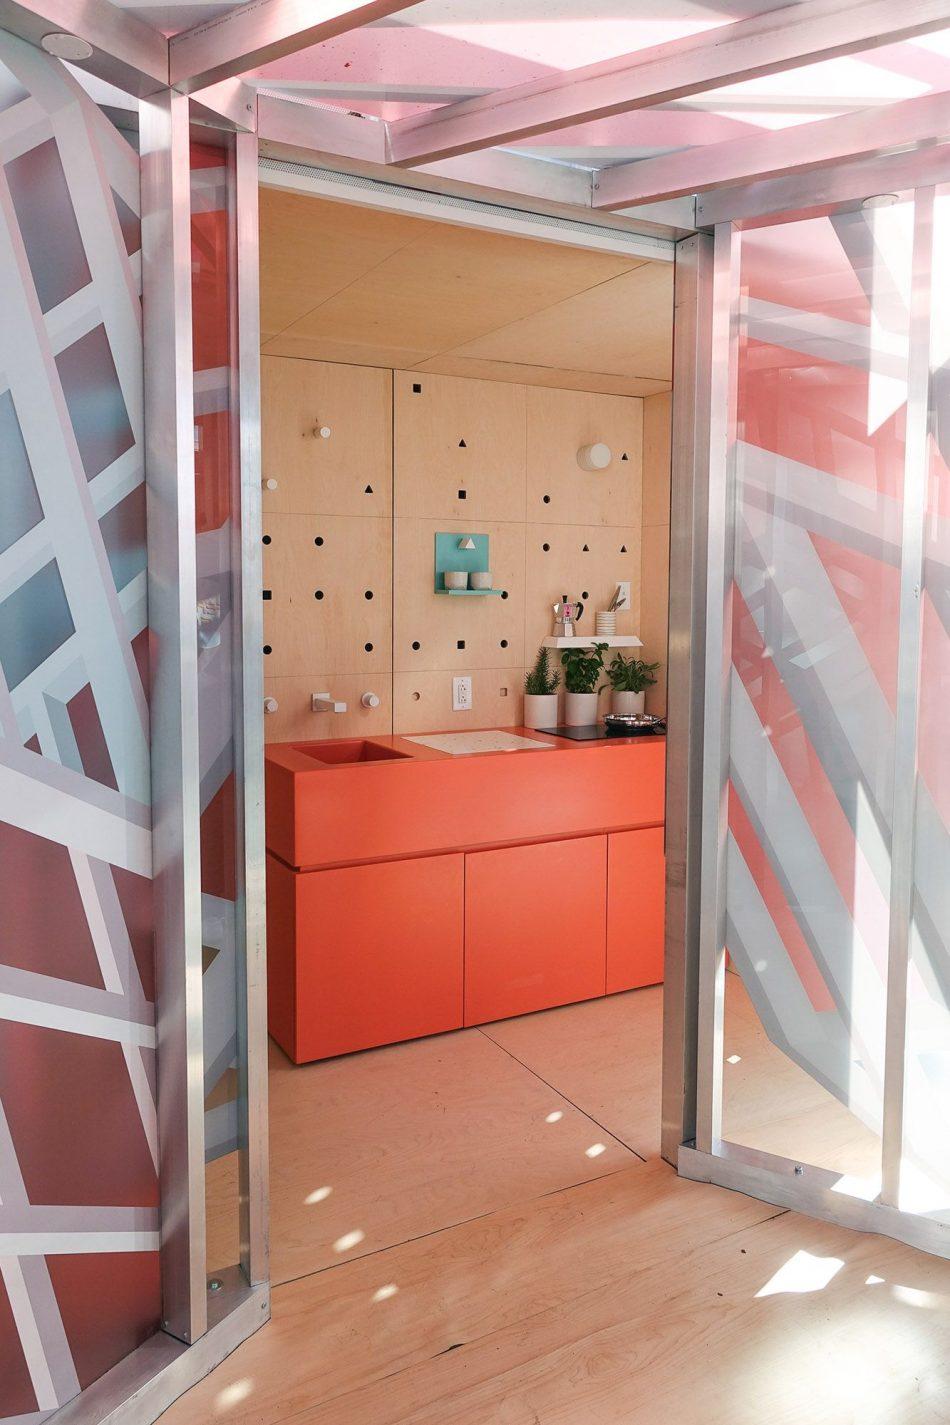 urban cabin Urban Cabin Presents Micro-Living In The Metropolis Urban Cabin 3